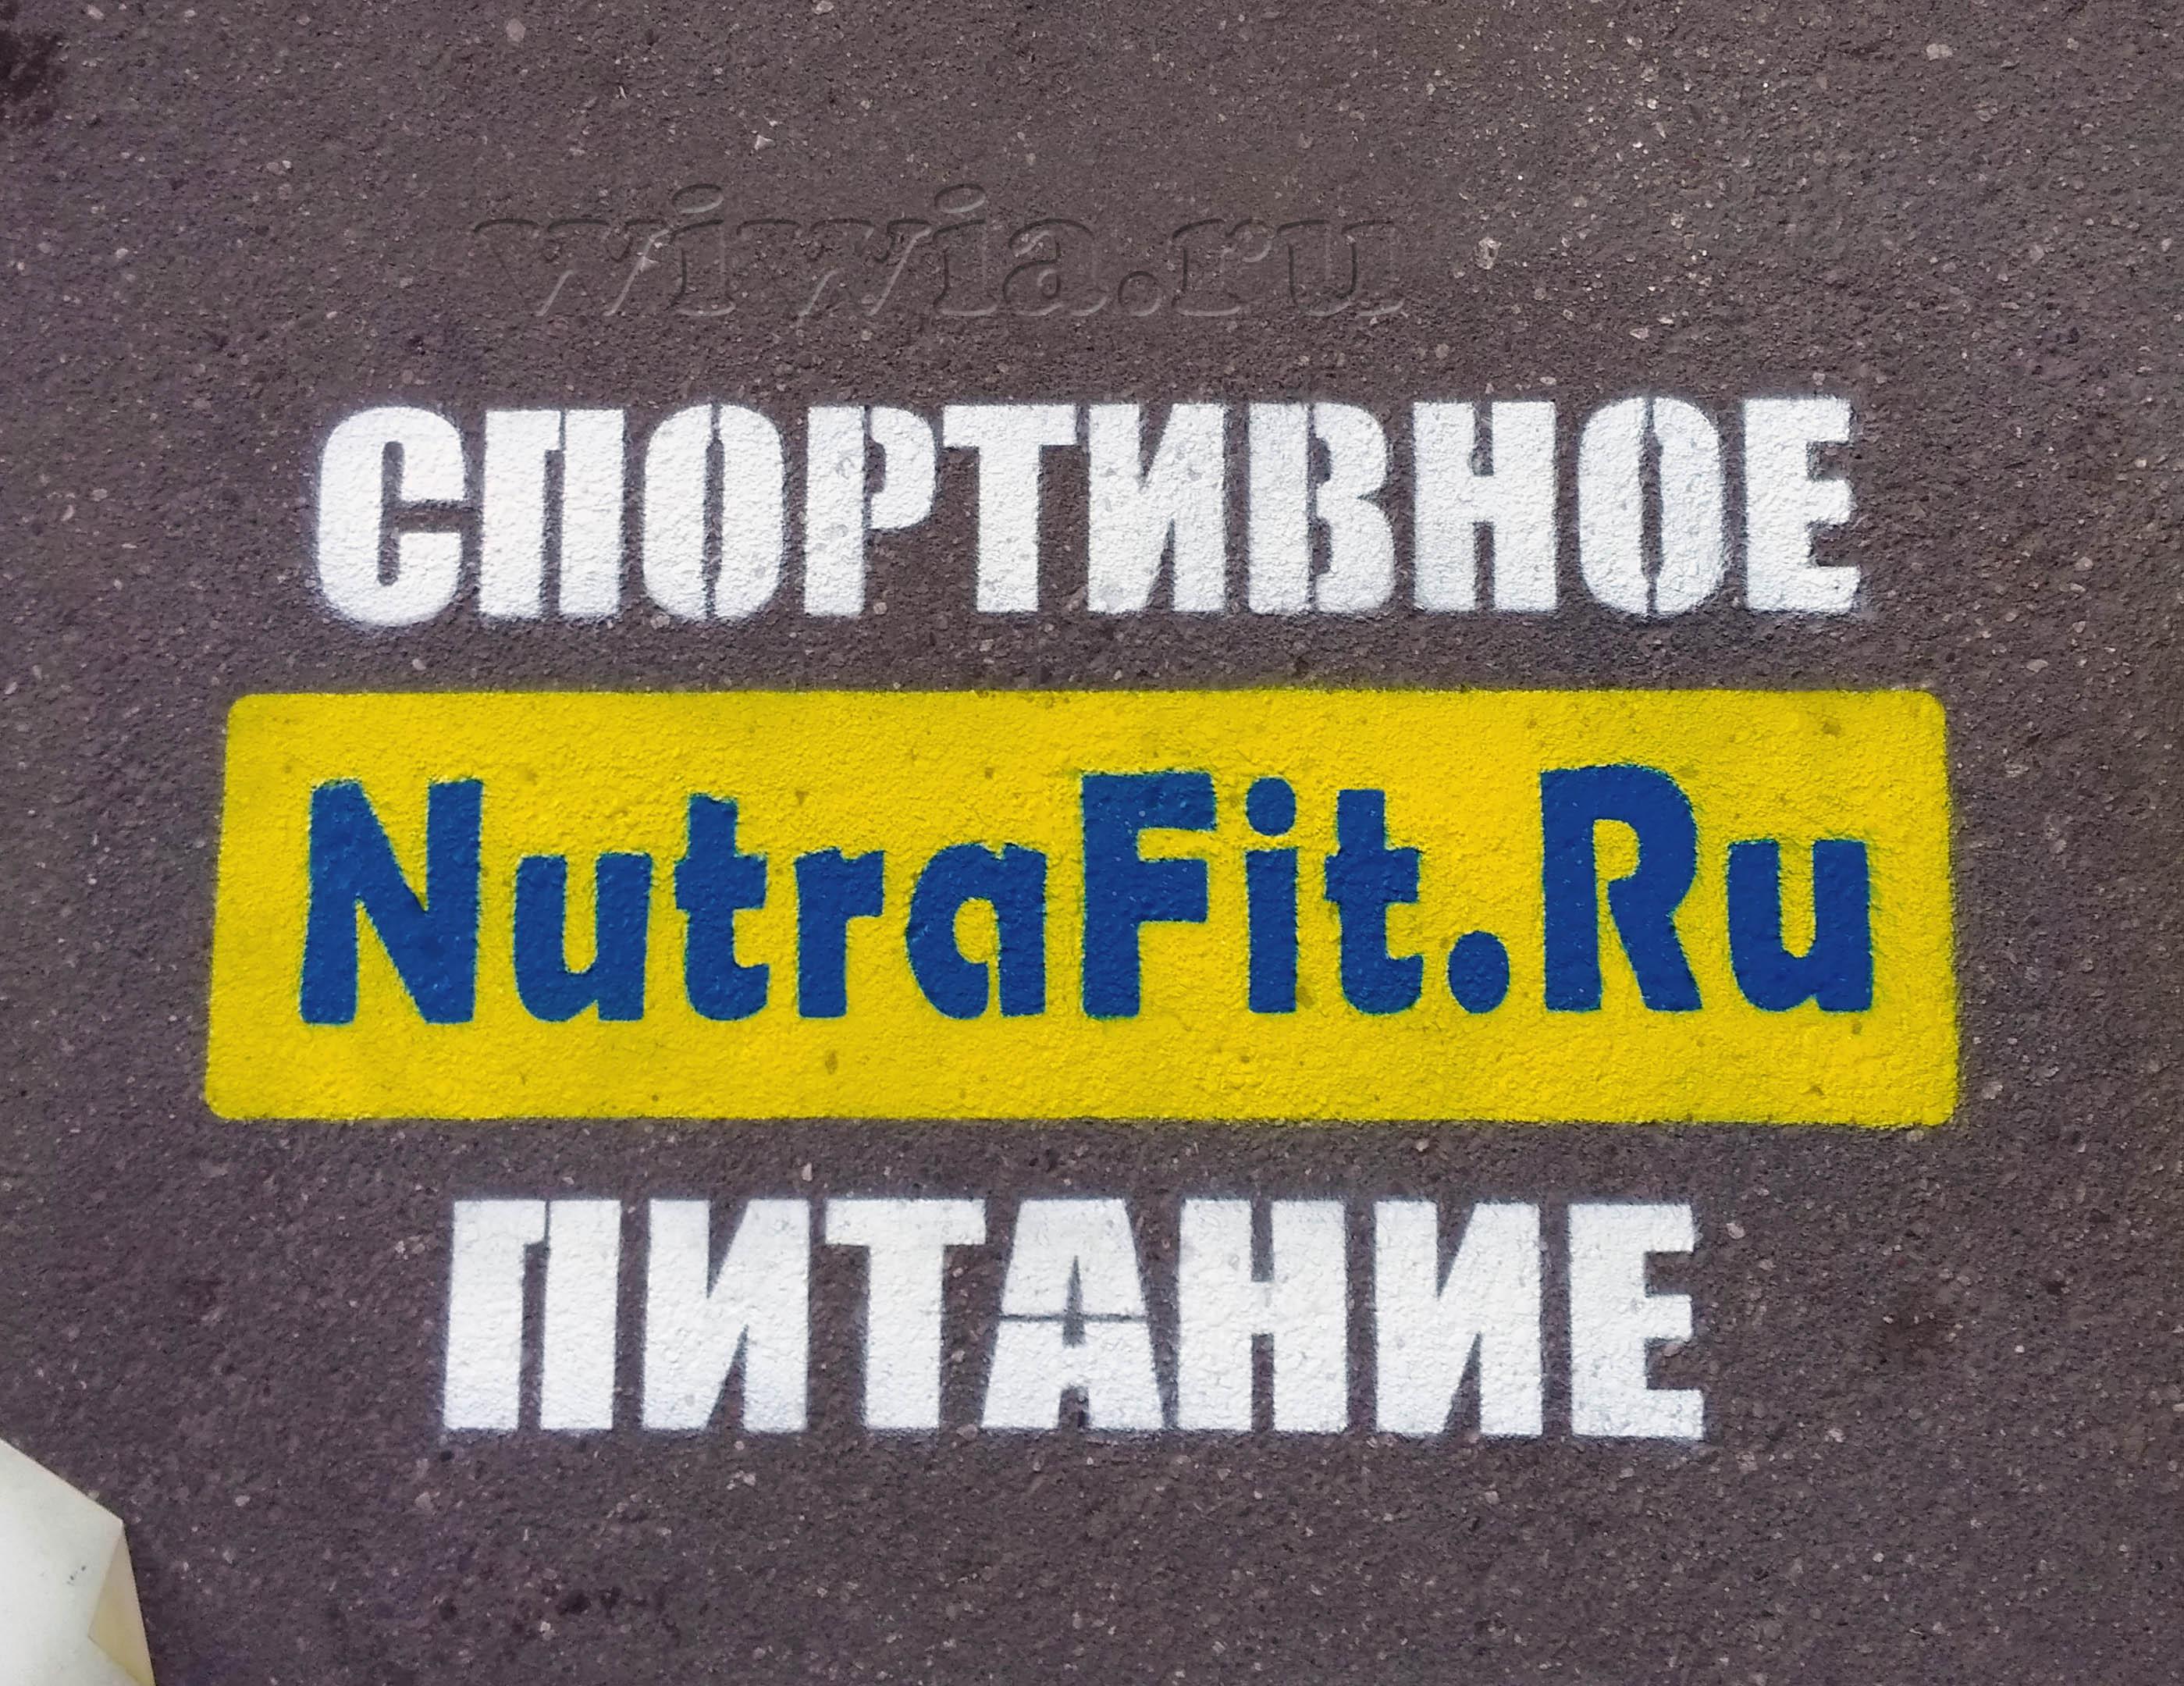 Реклама на асфальте для магазина спортивного питания.